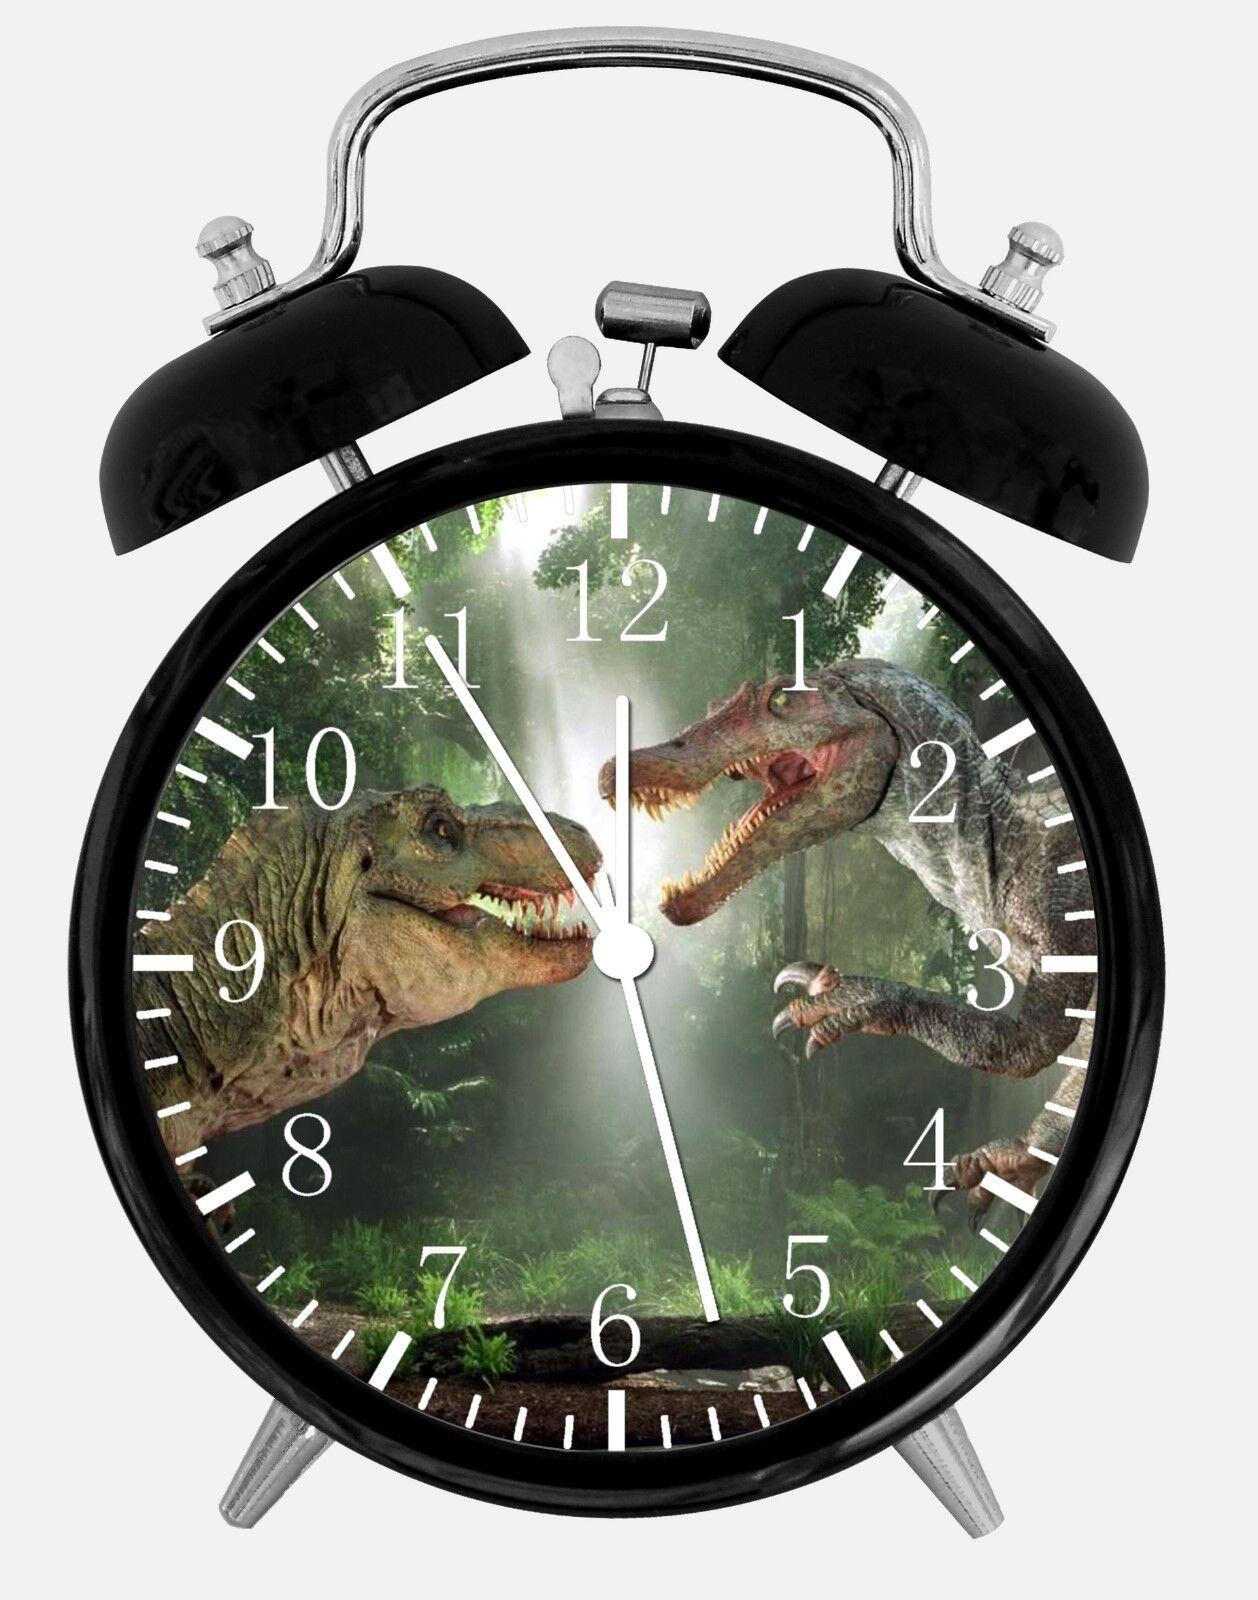 """Dinosaur Alarm Desk Clock 3.75"""" Home or Office Decor E294 Nice For Gift"""